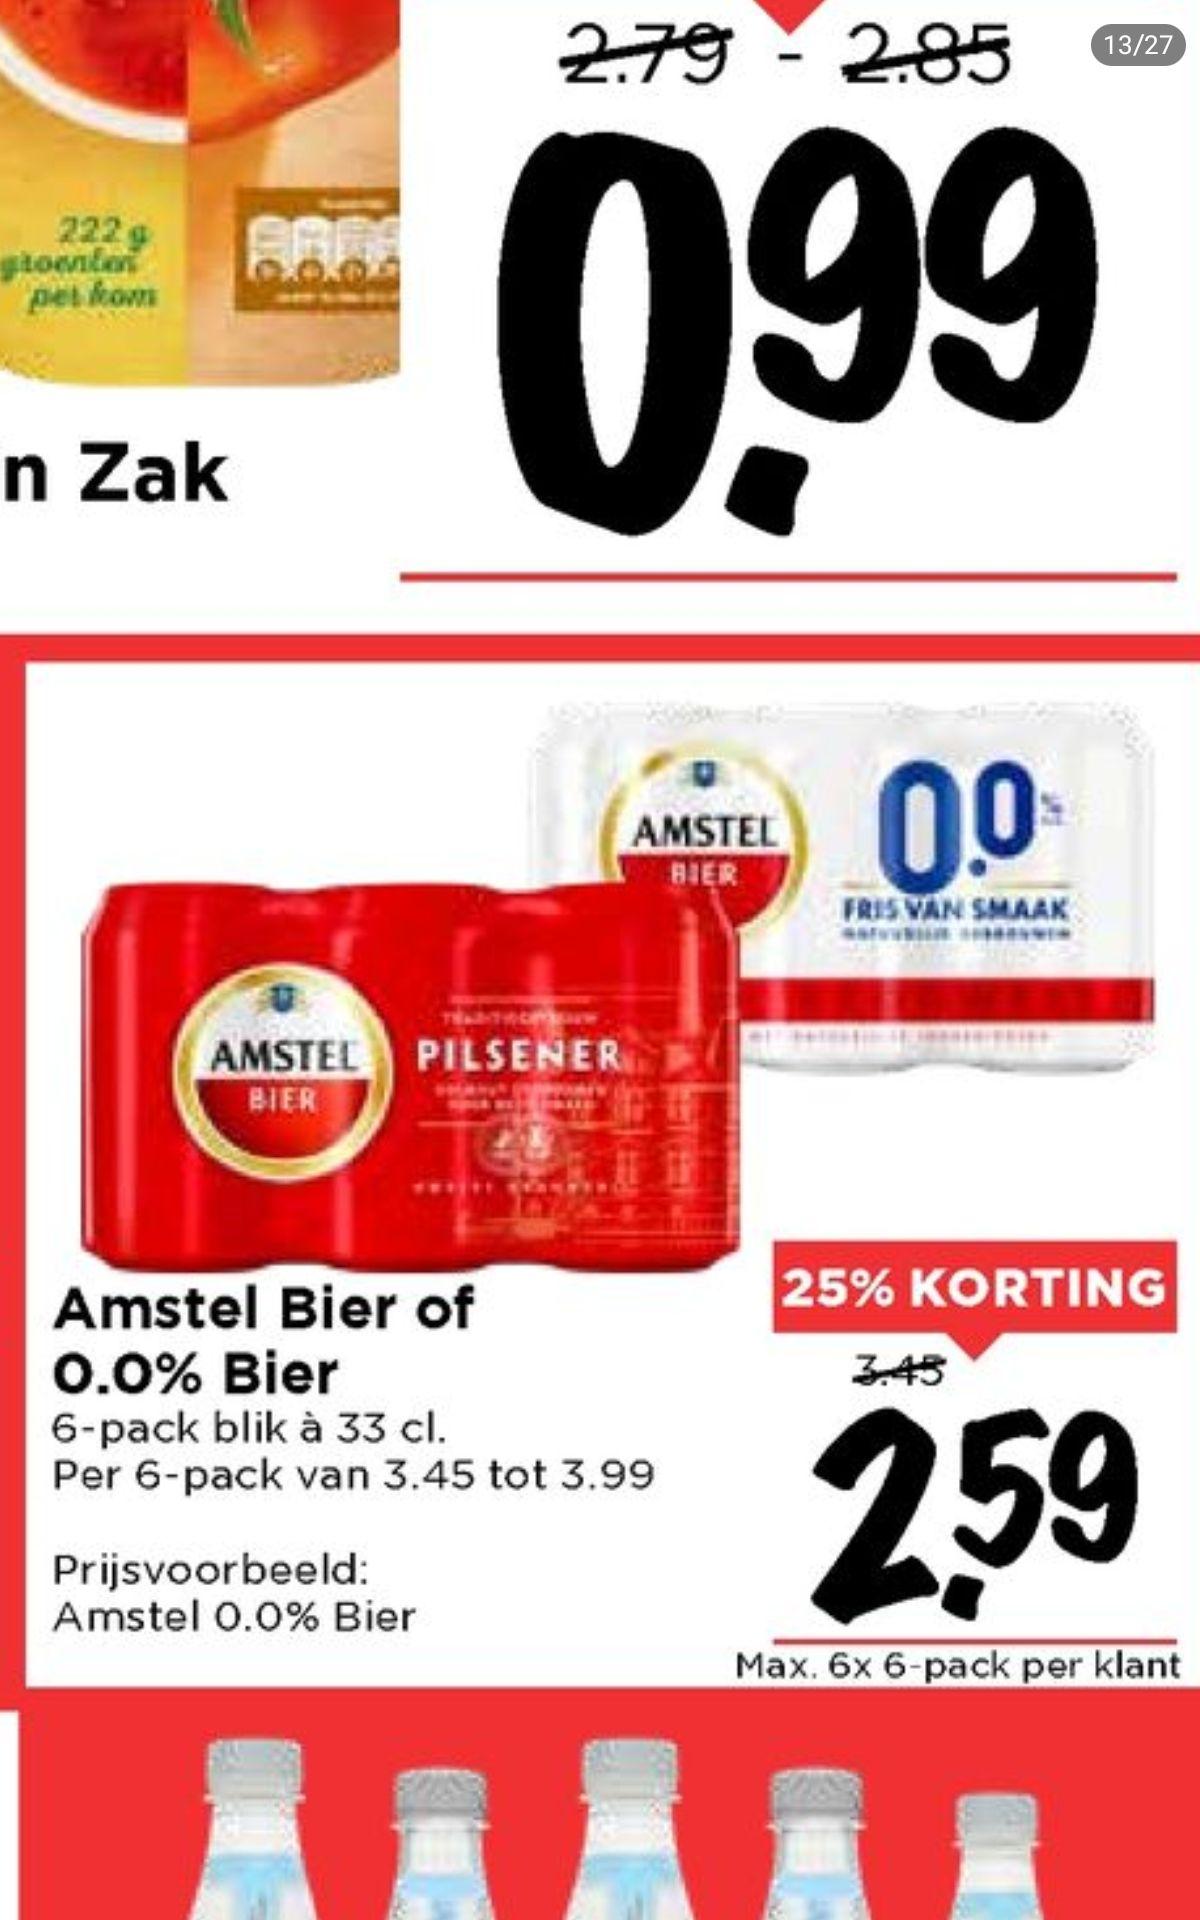 6-pack Amstel bier @vomar